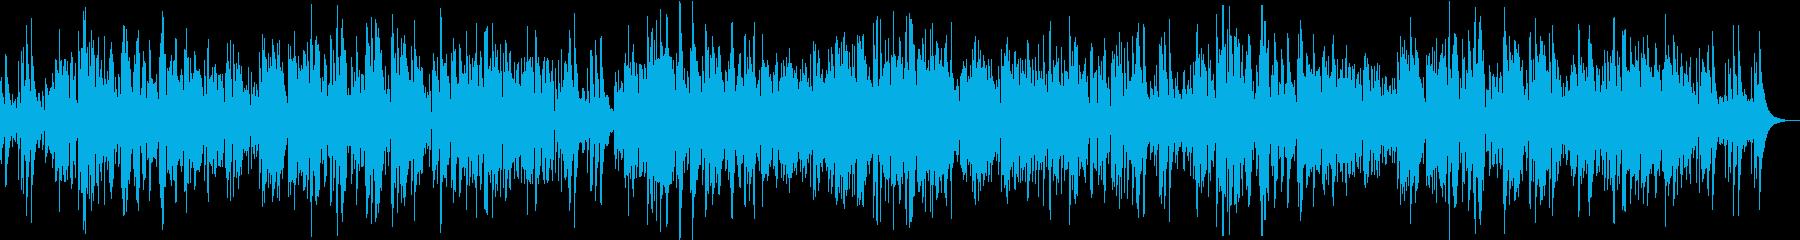 ガットギターによる落ち着いたボサノヴァの再生済みの波形